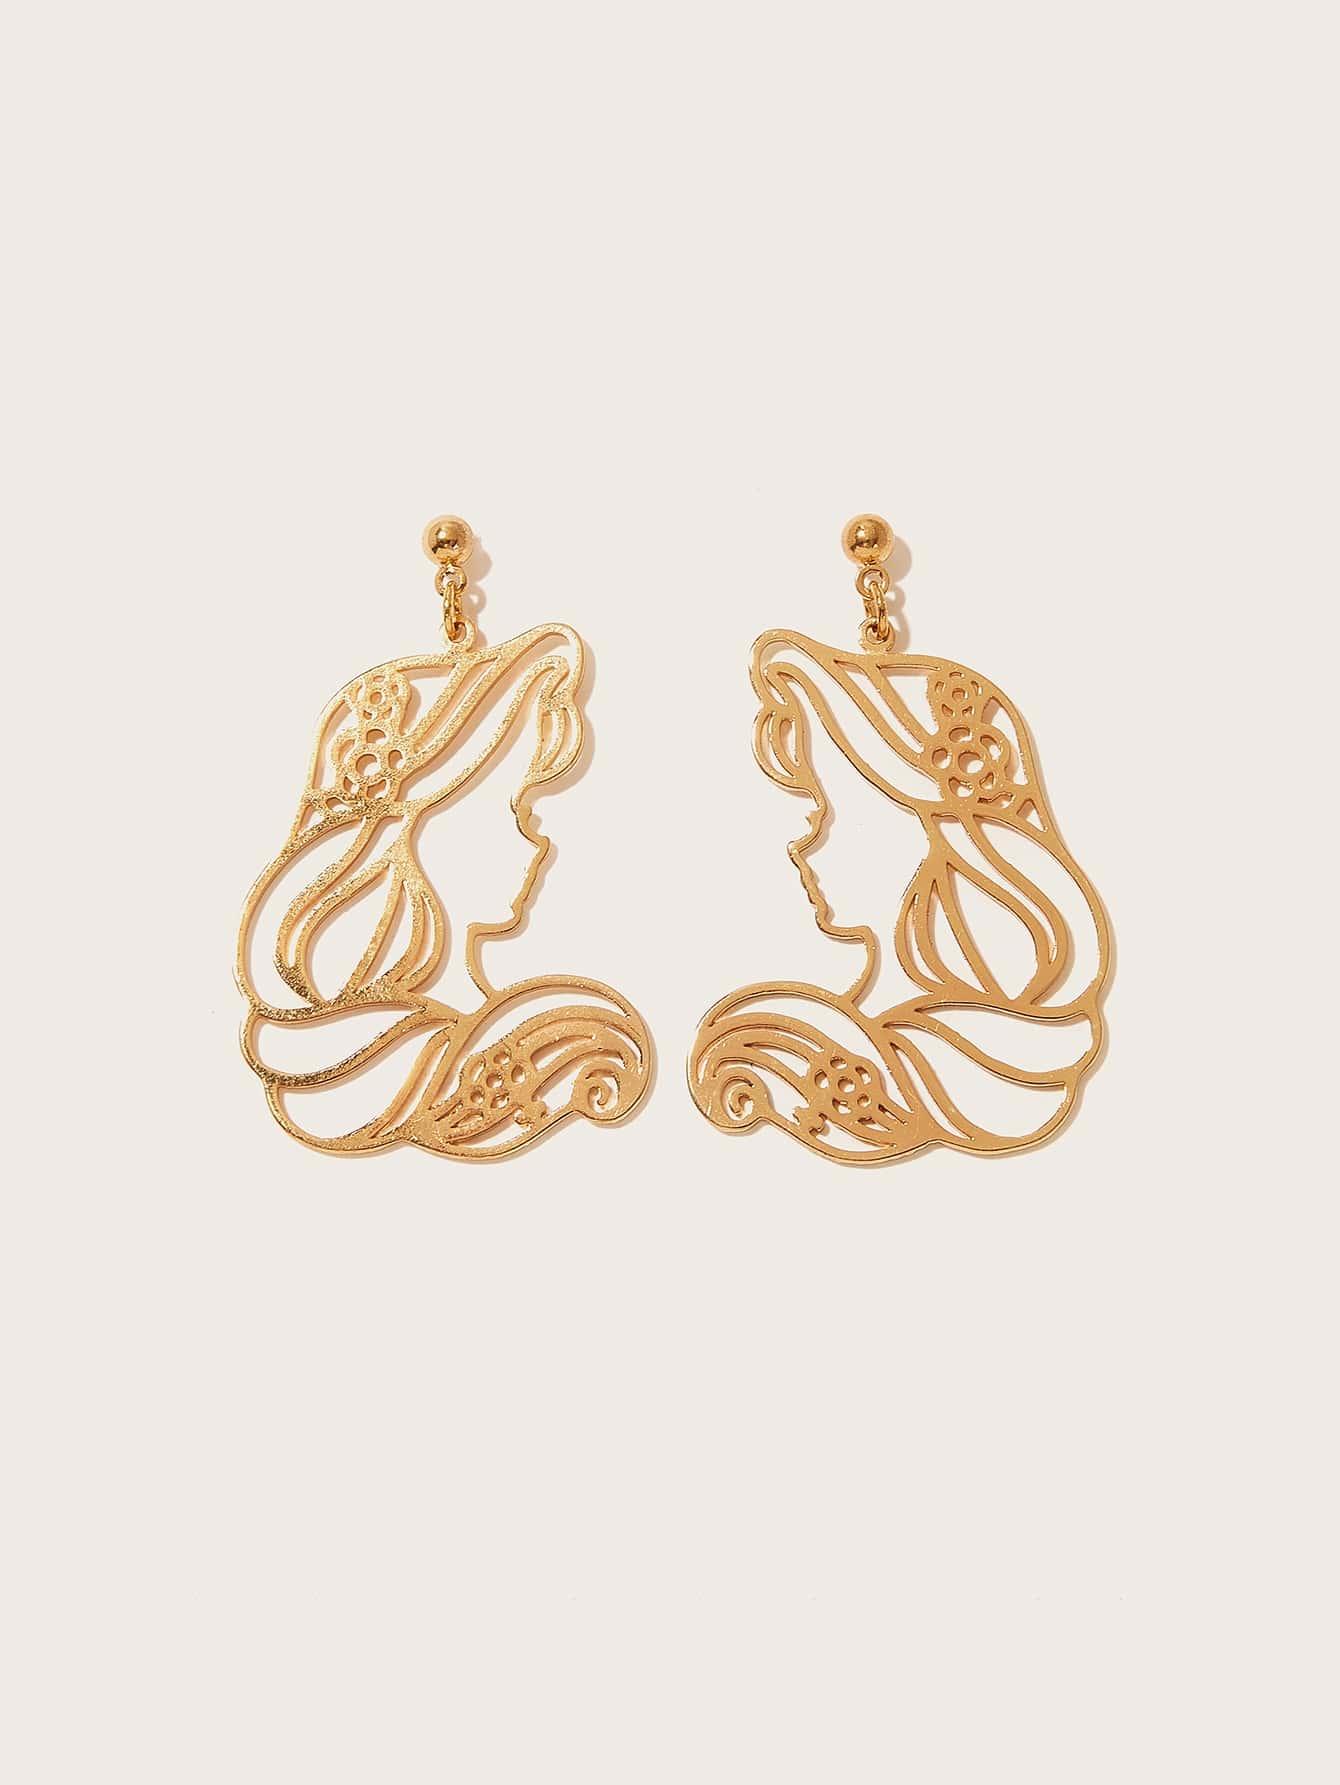 Фото - Серьги-подвески с кулоном в форме фигурки 1 пара от SheIn цвет золотые